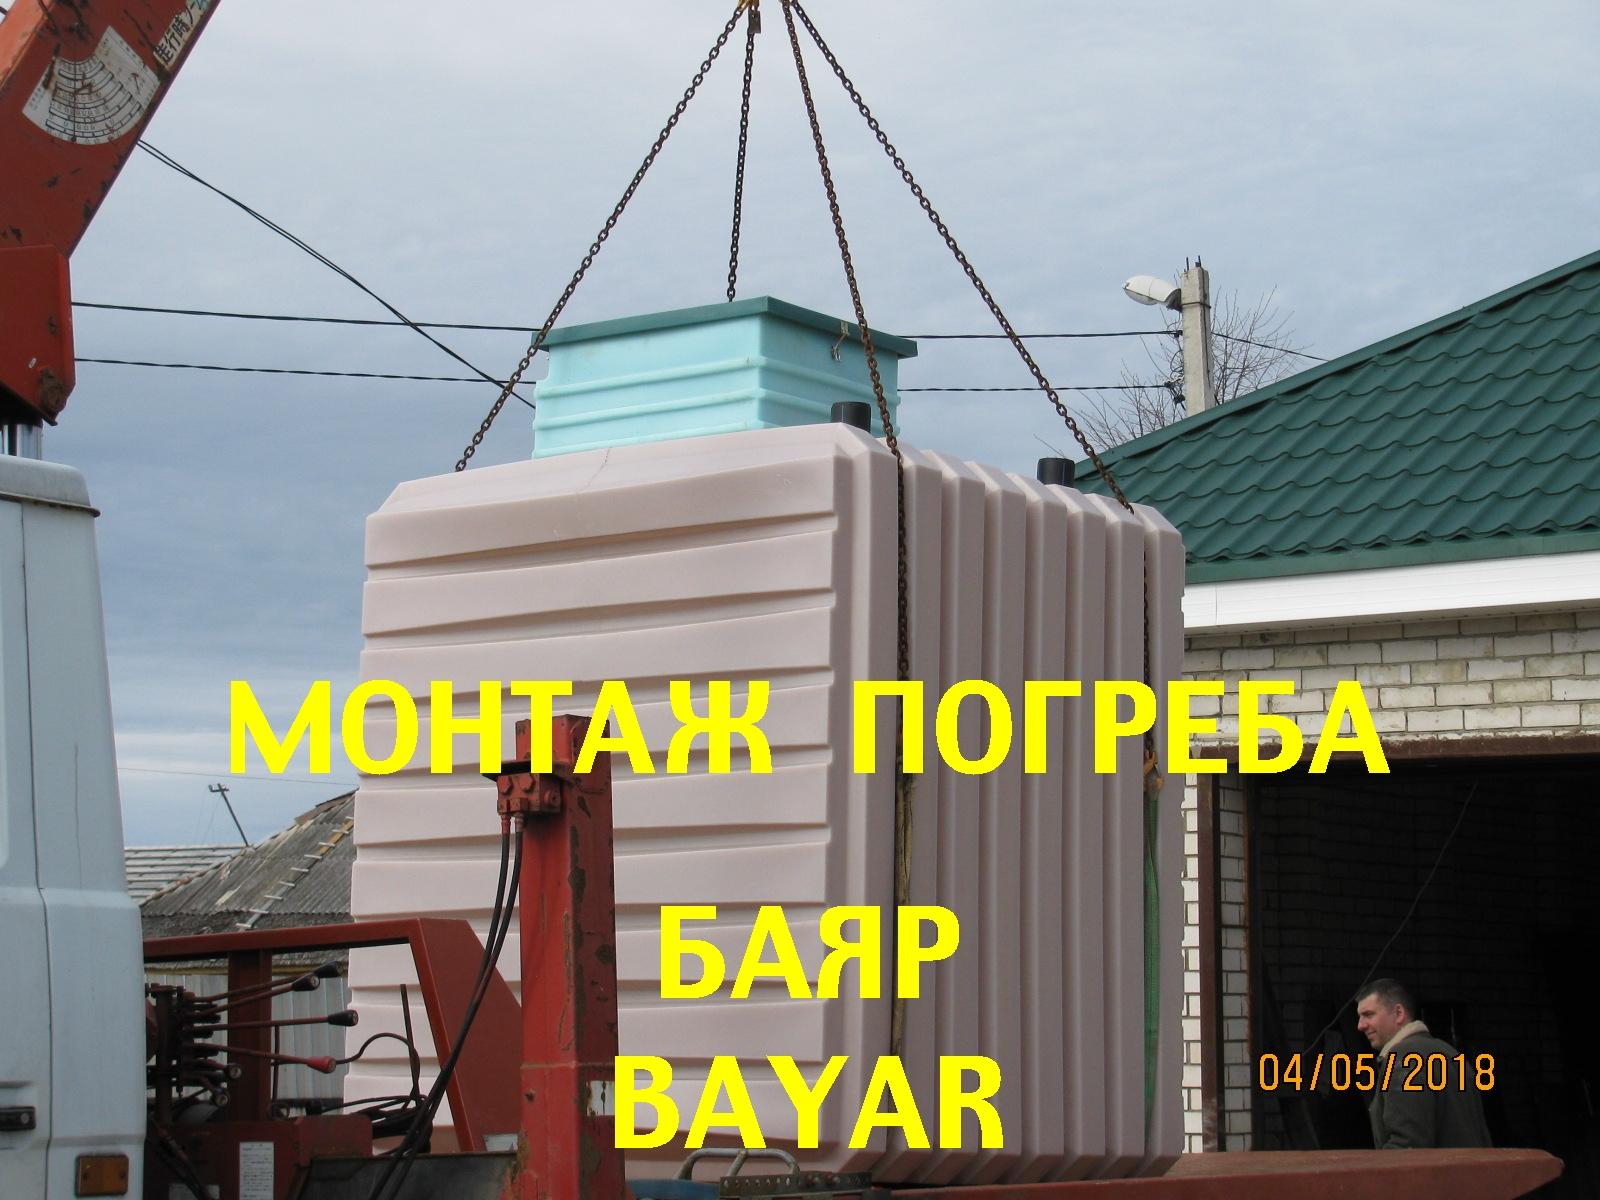 Продажа и монтаж  с доставкой кессона для  погреба из пластика размером 1850 х 1850х 2100 по лучшей цене 2019 года в России 99900 руб. в компании YarИнжСтрой